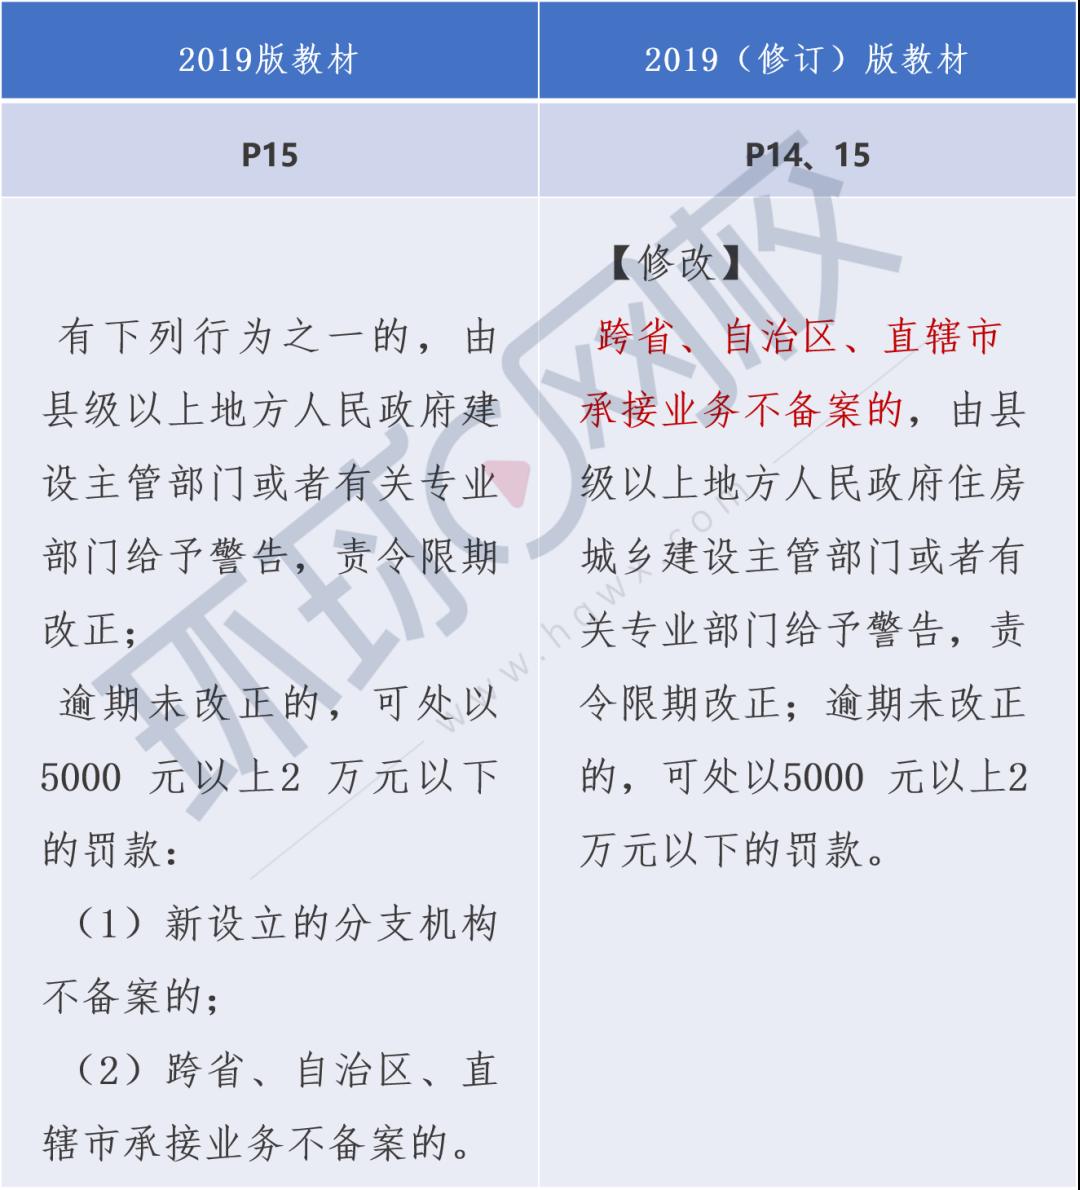 2020年一级造价师《建设工程造价管理》科目教材改版解析